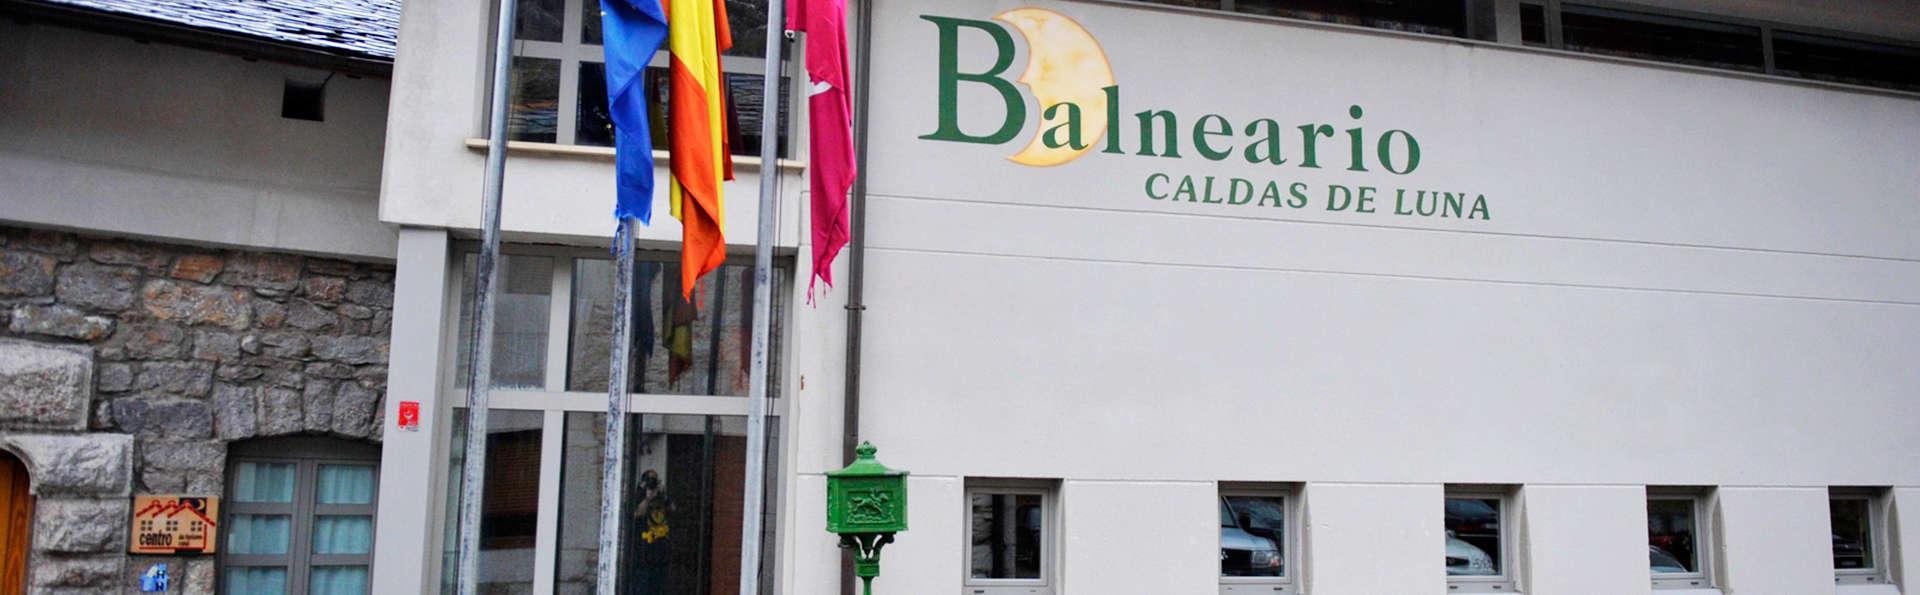 Hotel Rural Balneario Caldas de Luna  - edit_facade.jpg